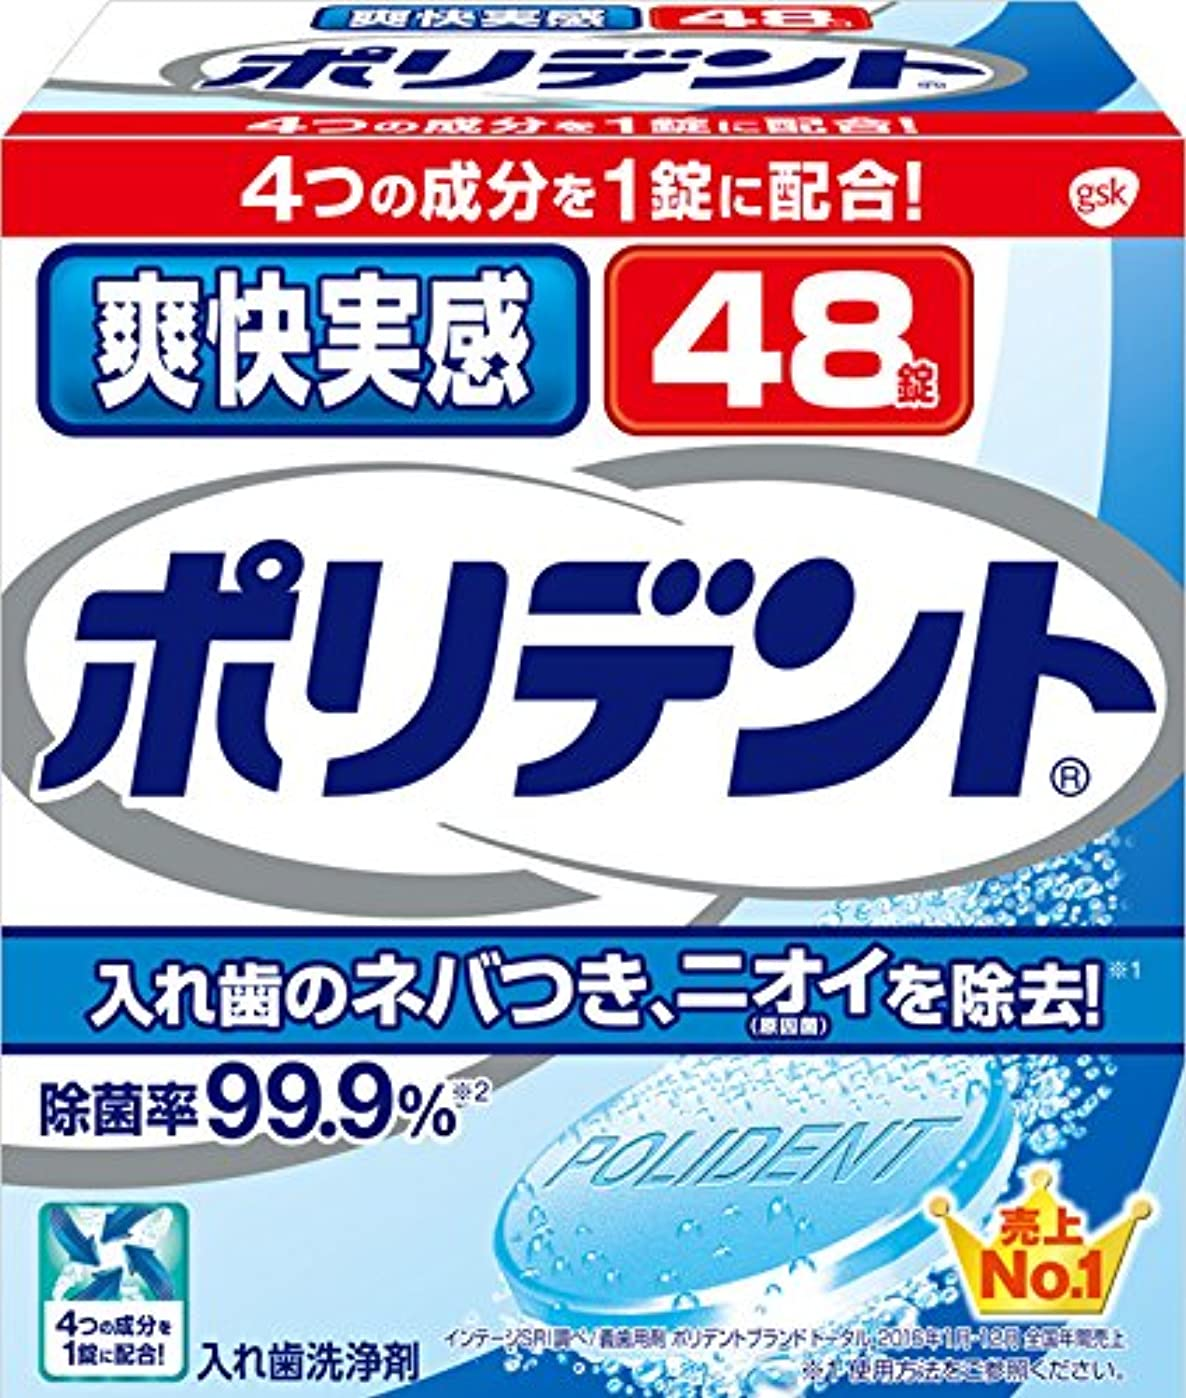 ふりをする泥メーター入れ歯洗浄剤 爽快実感 ポリデント 48錠